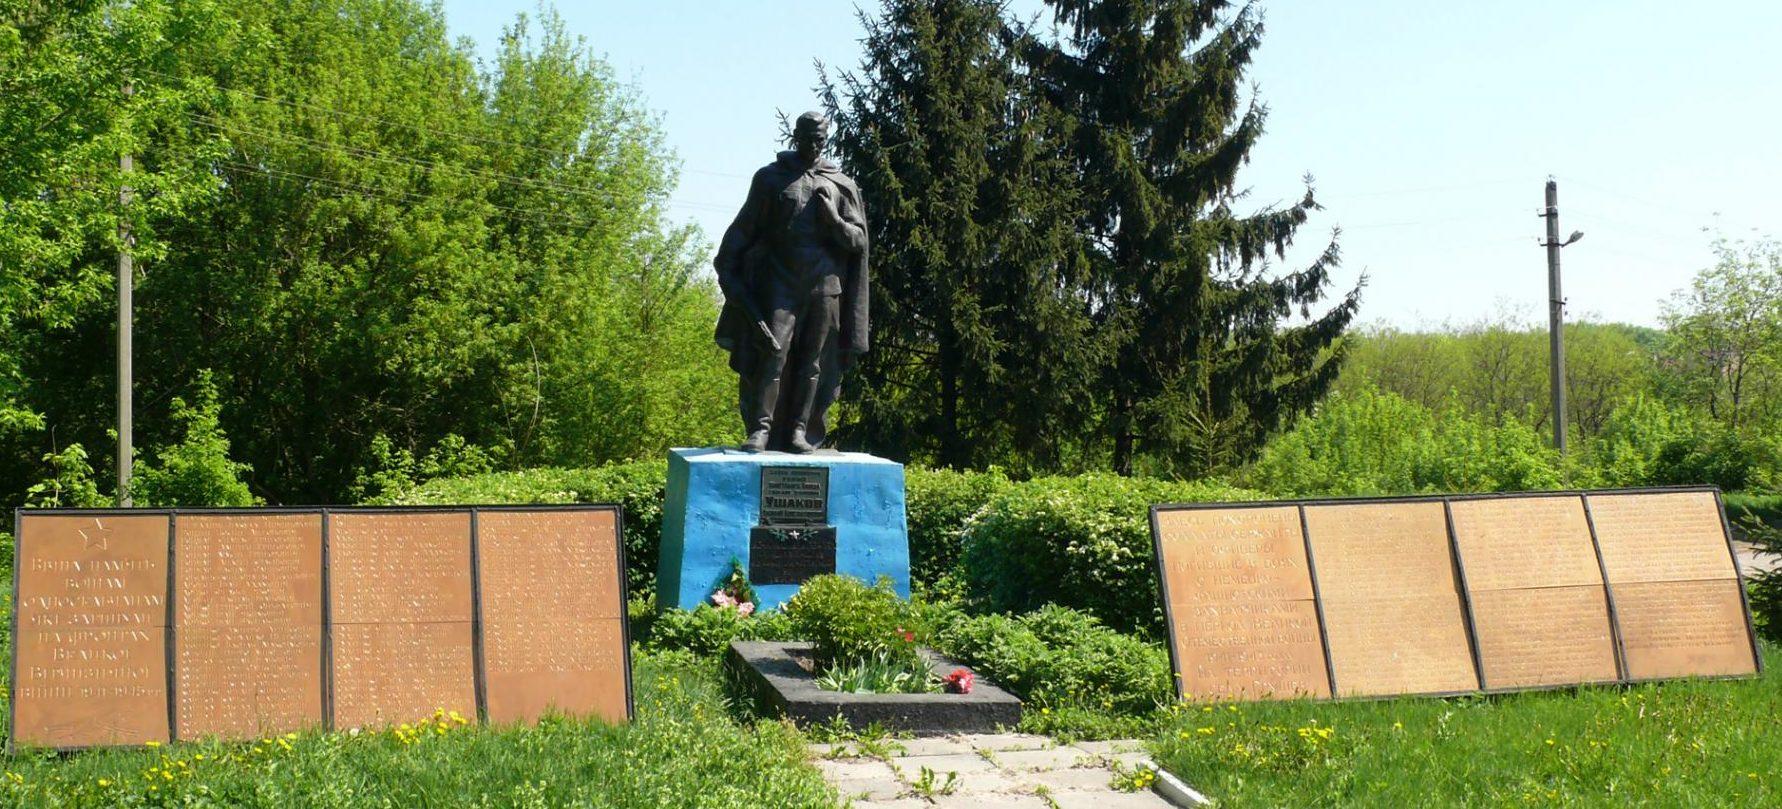 с. Грушев Мироновского р-на. Памятник односельчанам, погибшим в годы войны. Здесь установлен памятный знак Герою Советского Союза В.К. Ушакову.